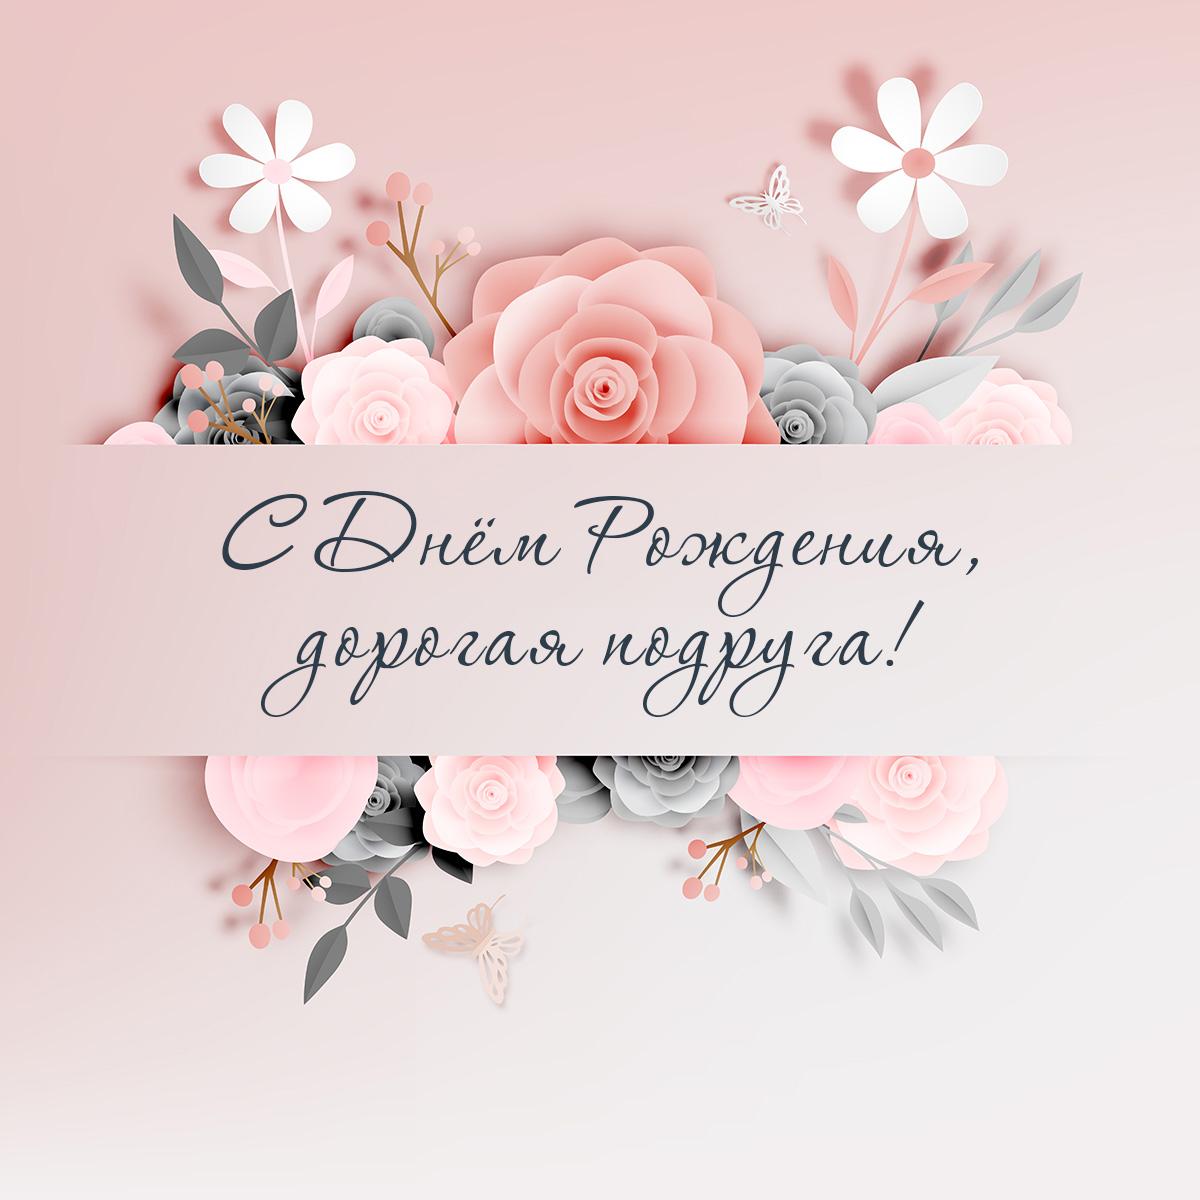 Розовая картинка с цветами и надписью с днём рождения, дорогая подруга!